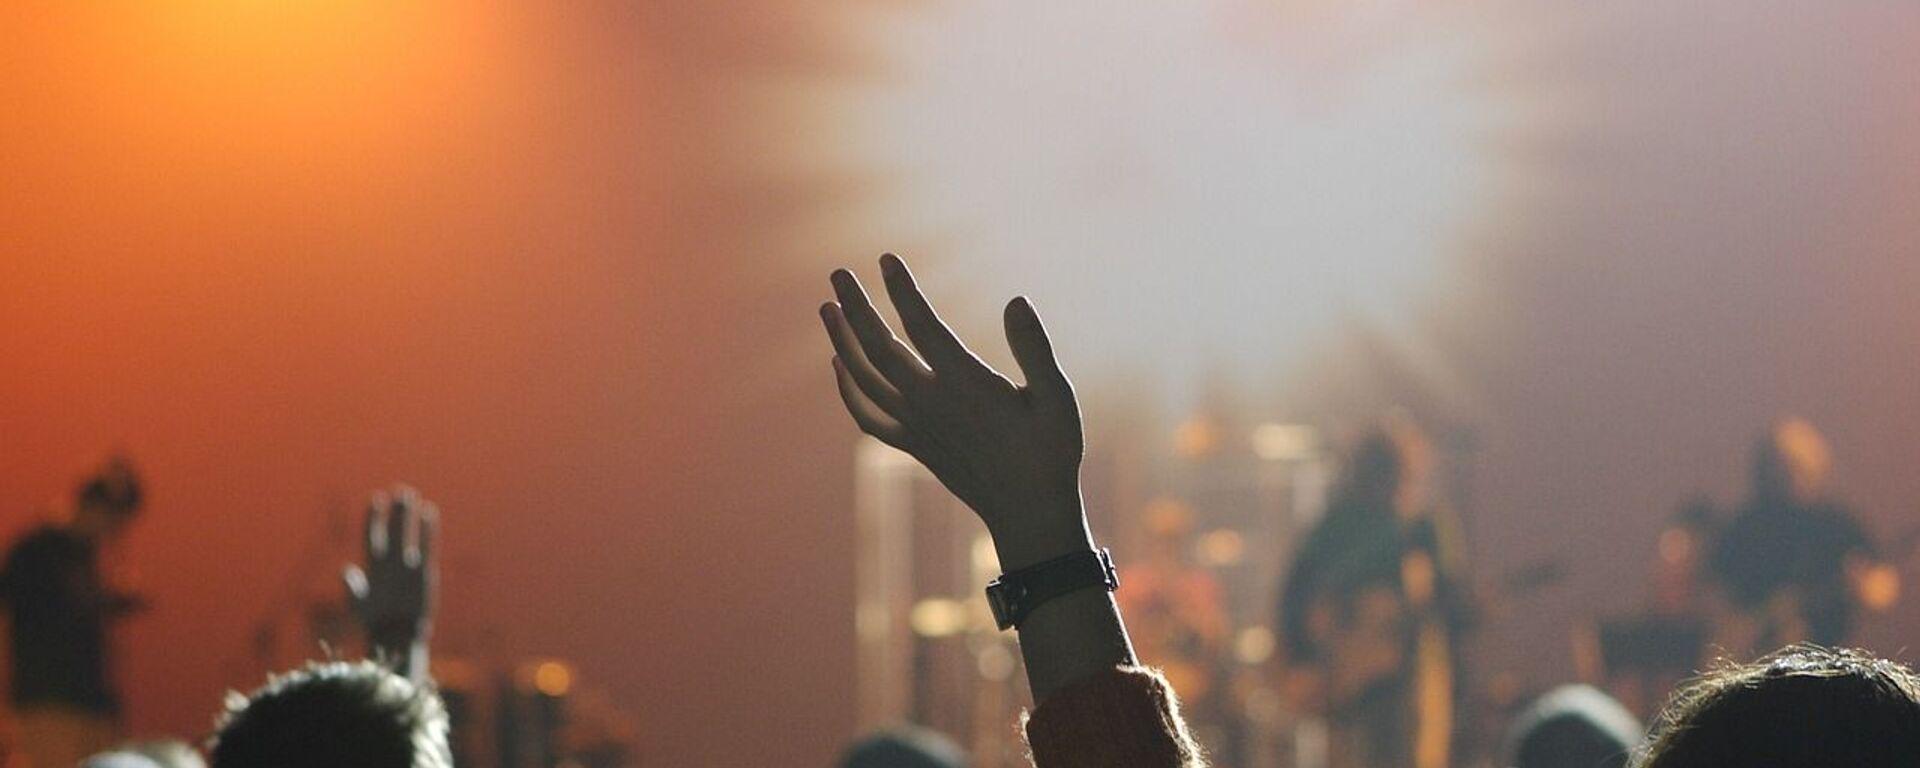 Ragazzi ad un concerto. In un anno di stop le cifre date da Bauli in piazza fotografano un settore in ginocchio: -89% concerti dal vivo. - Sputnik Italia, 1920, 24.09.2021